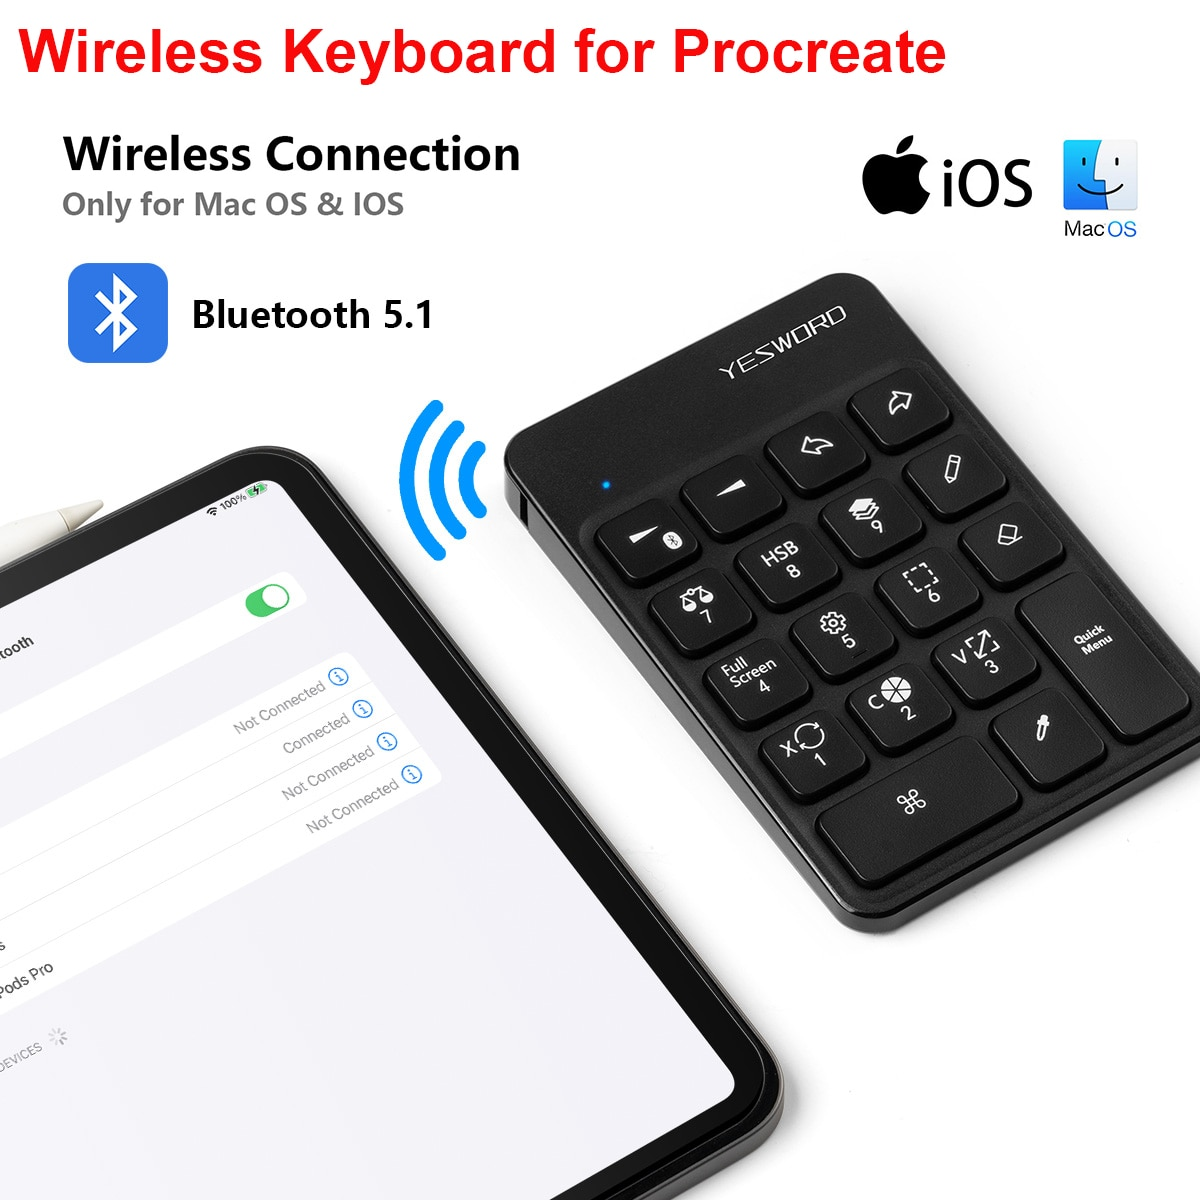 Беспроводная клавиатура YESWORD для Procreate, Bluetooth клавиатура для рисования для iPad, графические планшеты, живопись, 6,5*5,5 дюймов, перезаряжаемая